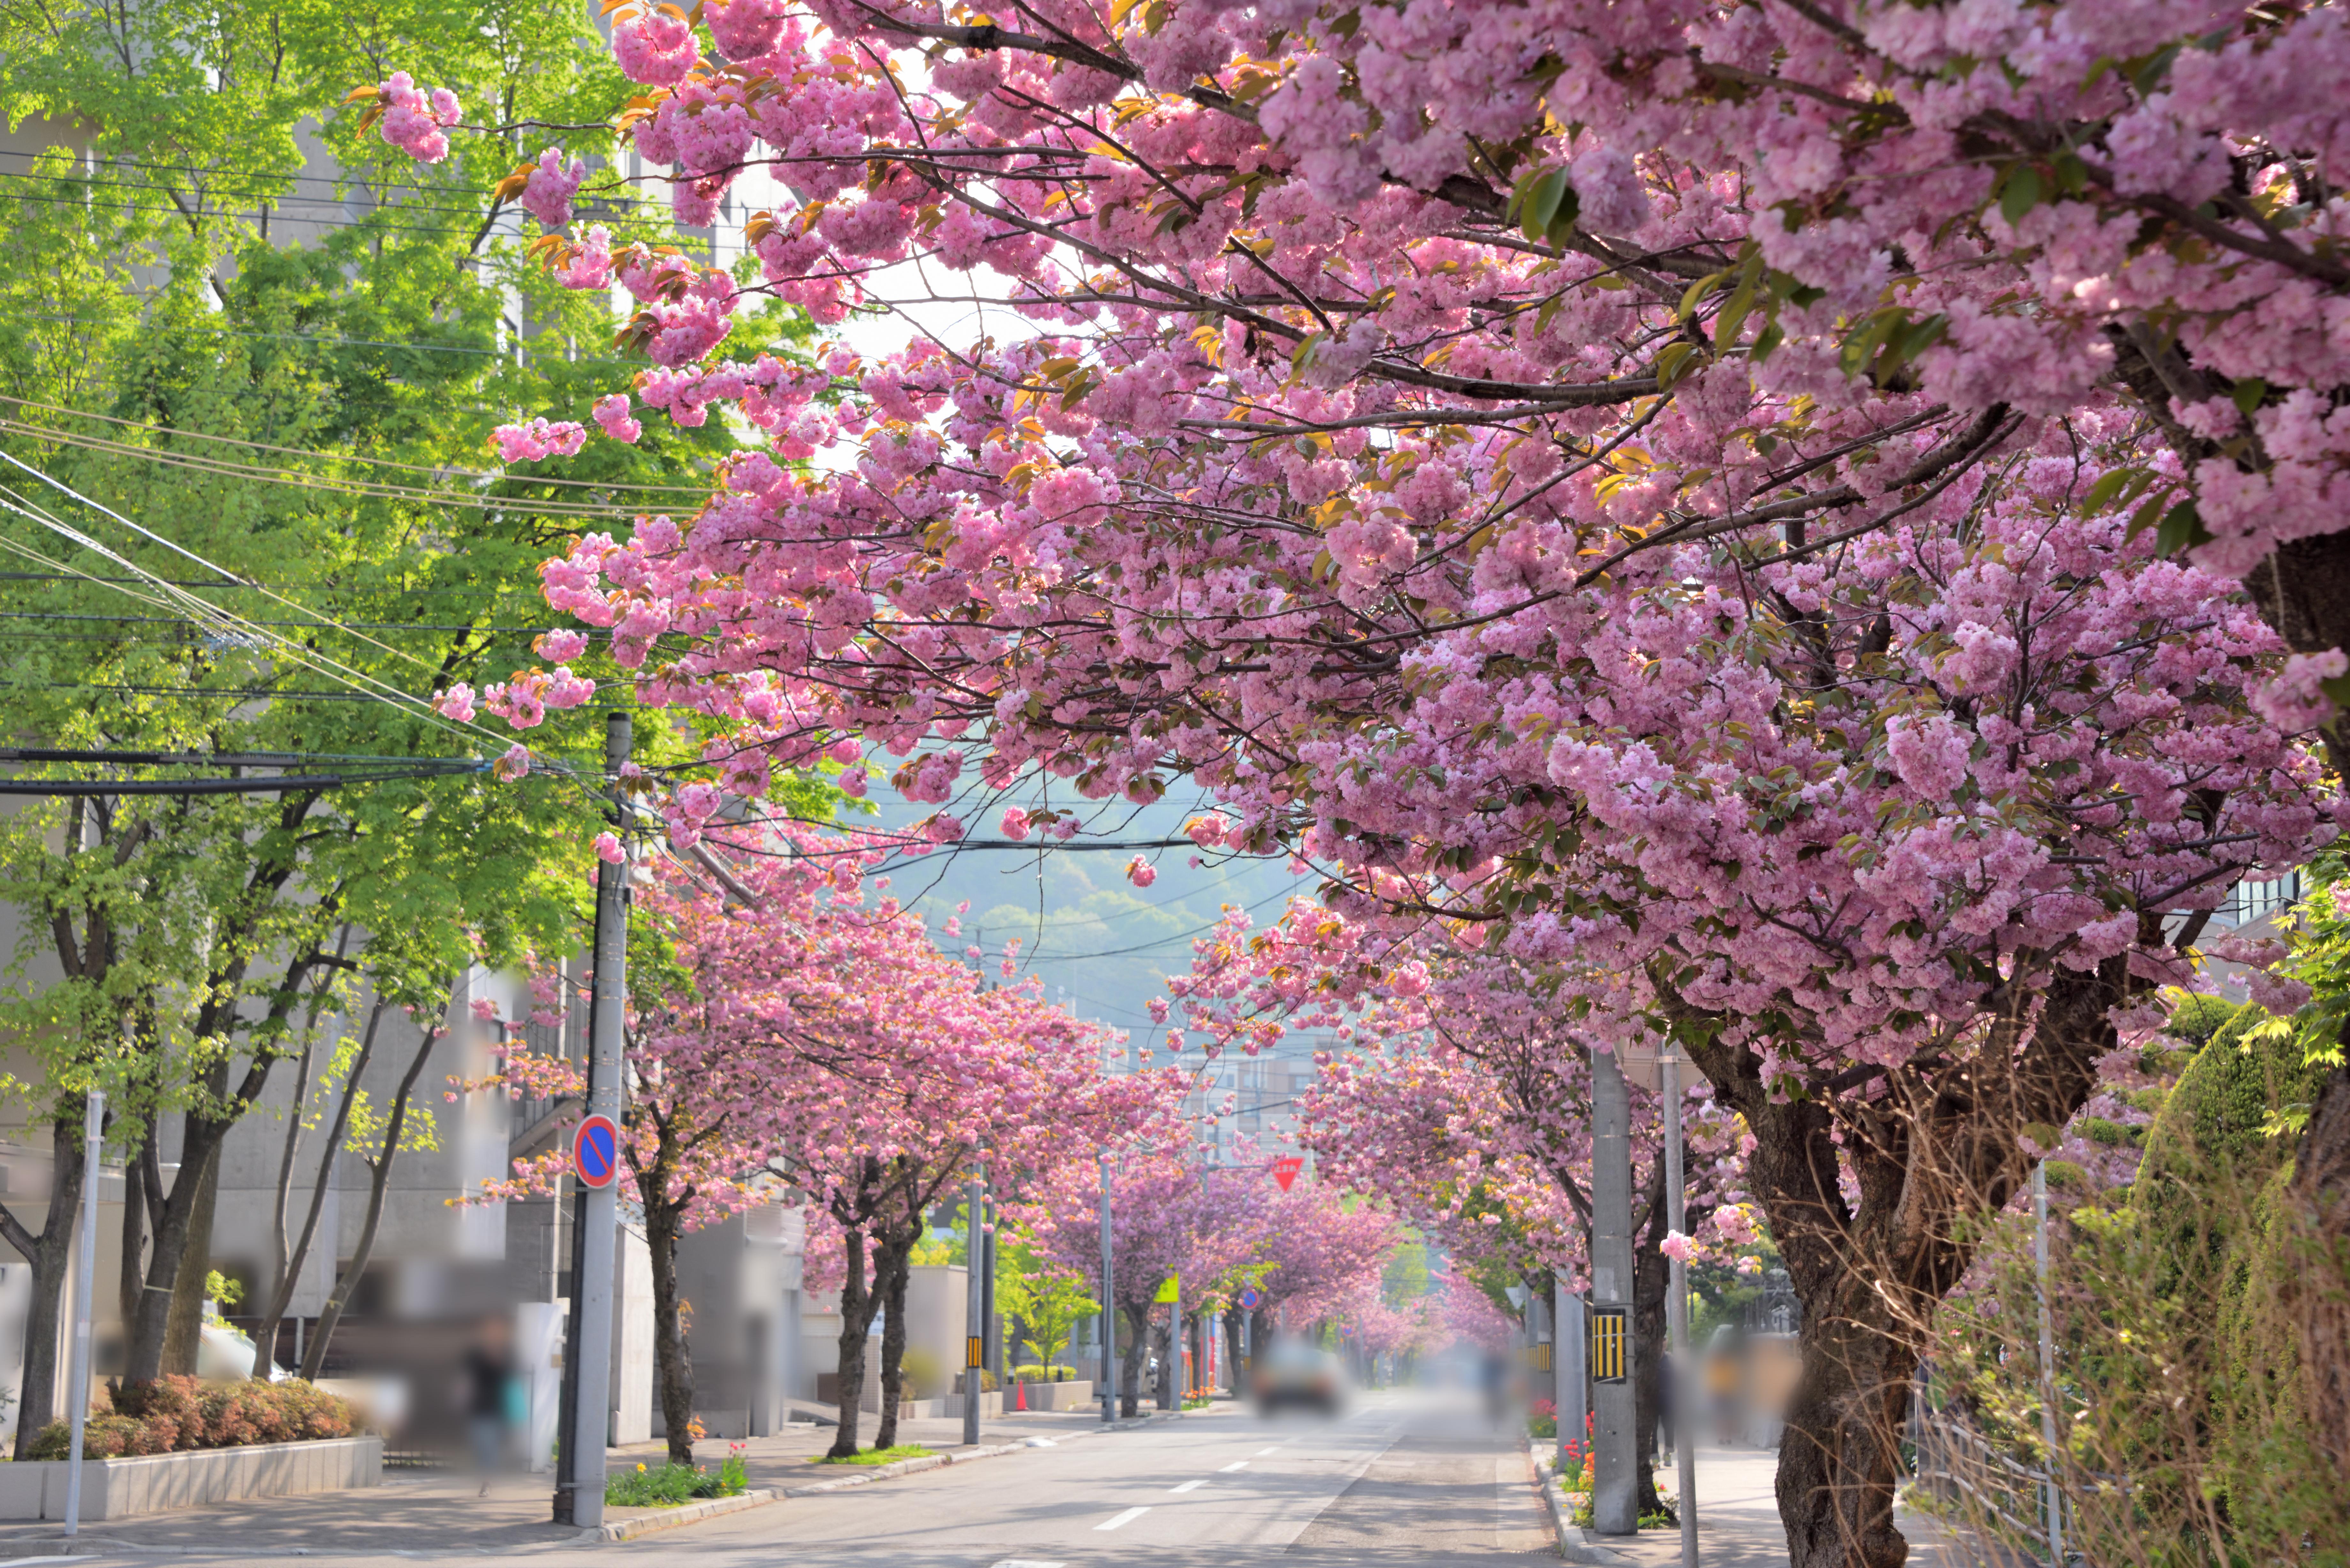 札幌円山公園での花見はジンギスカンセット一式レンタルがおすすめ!_3